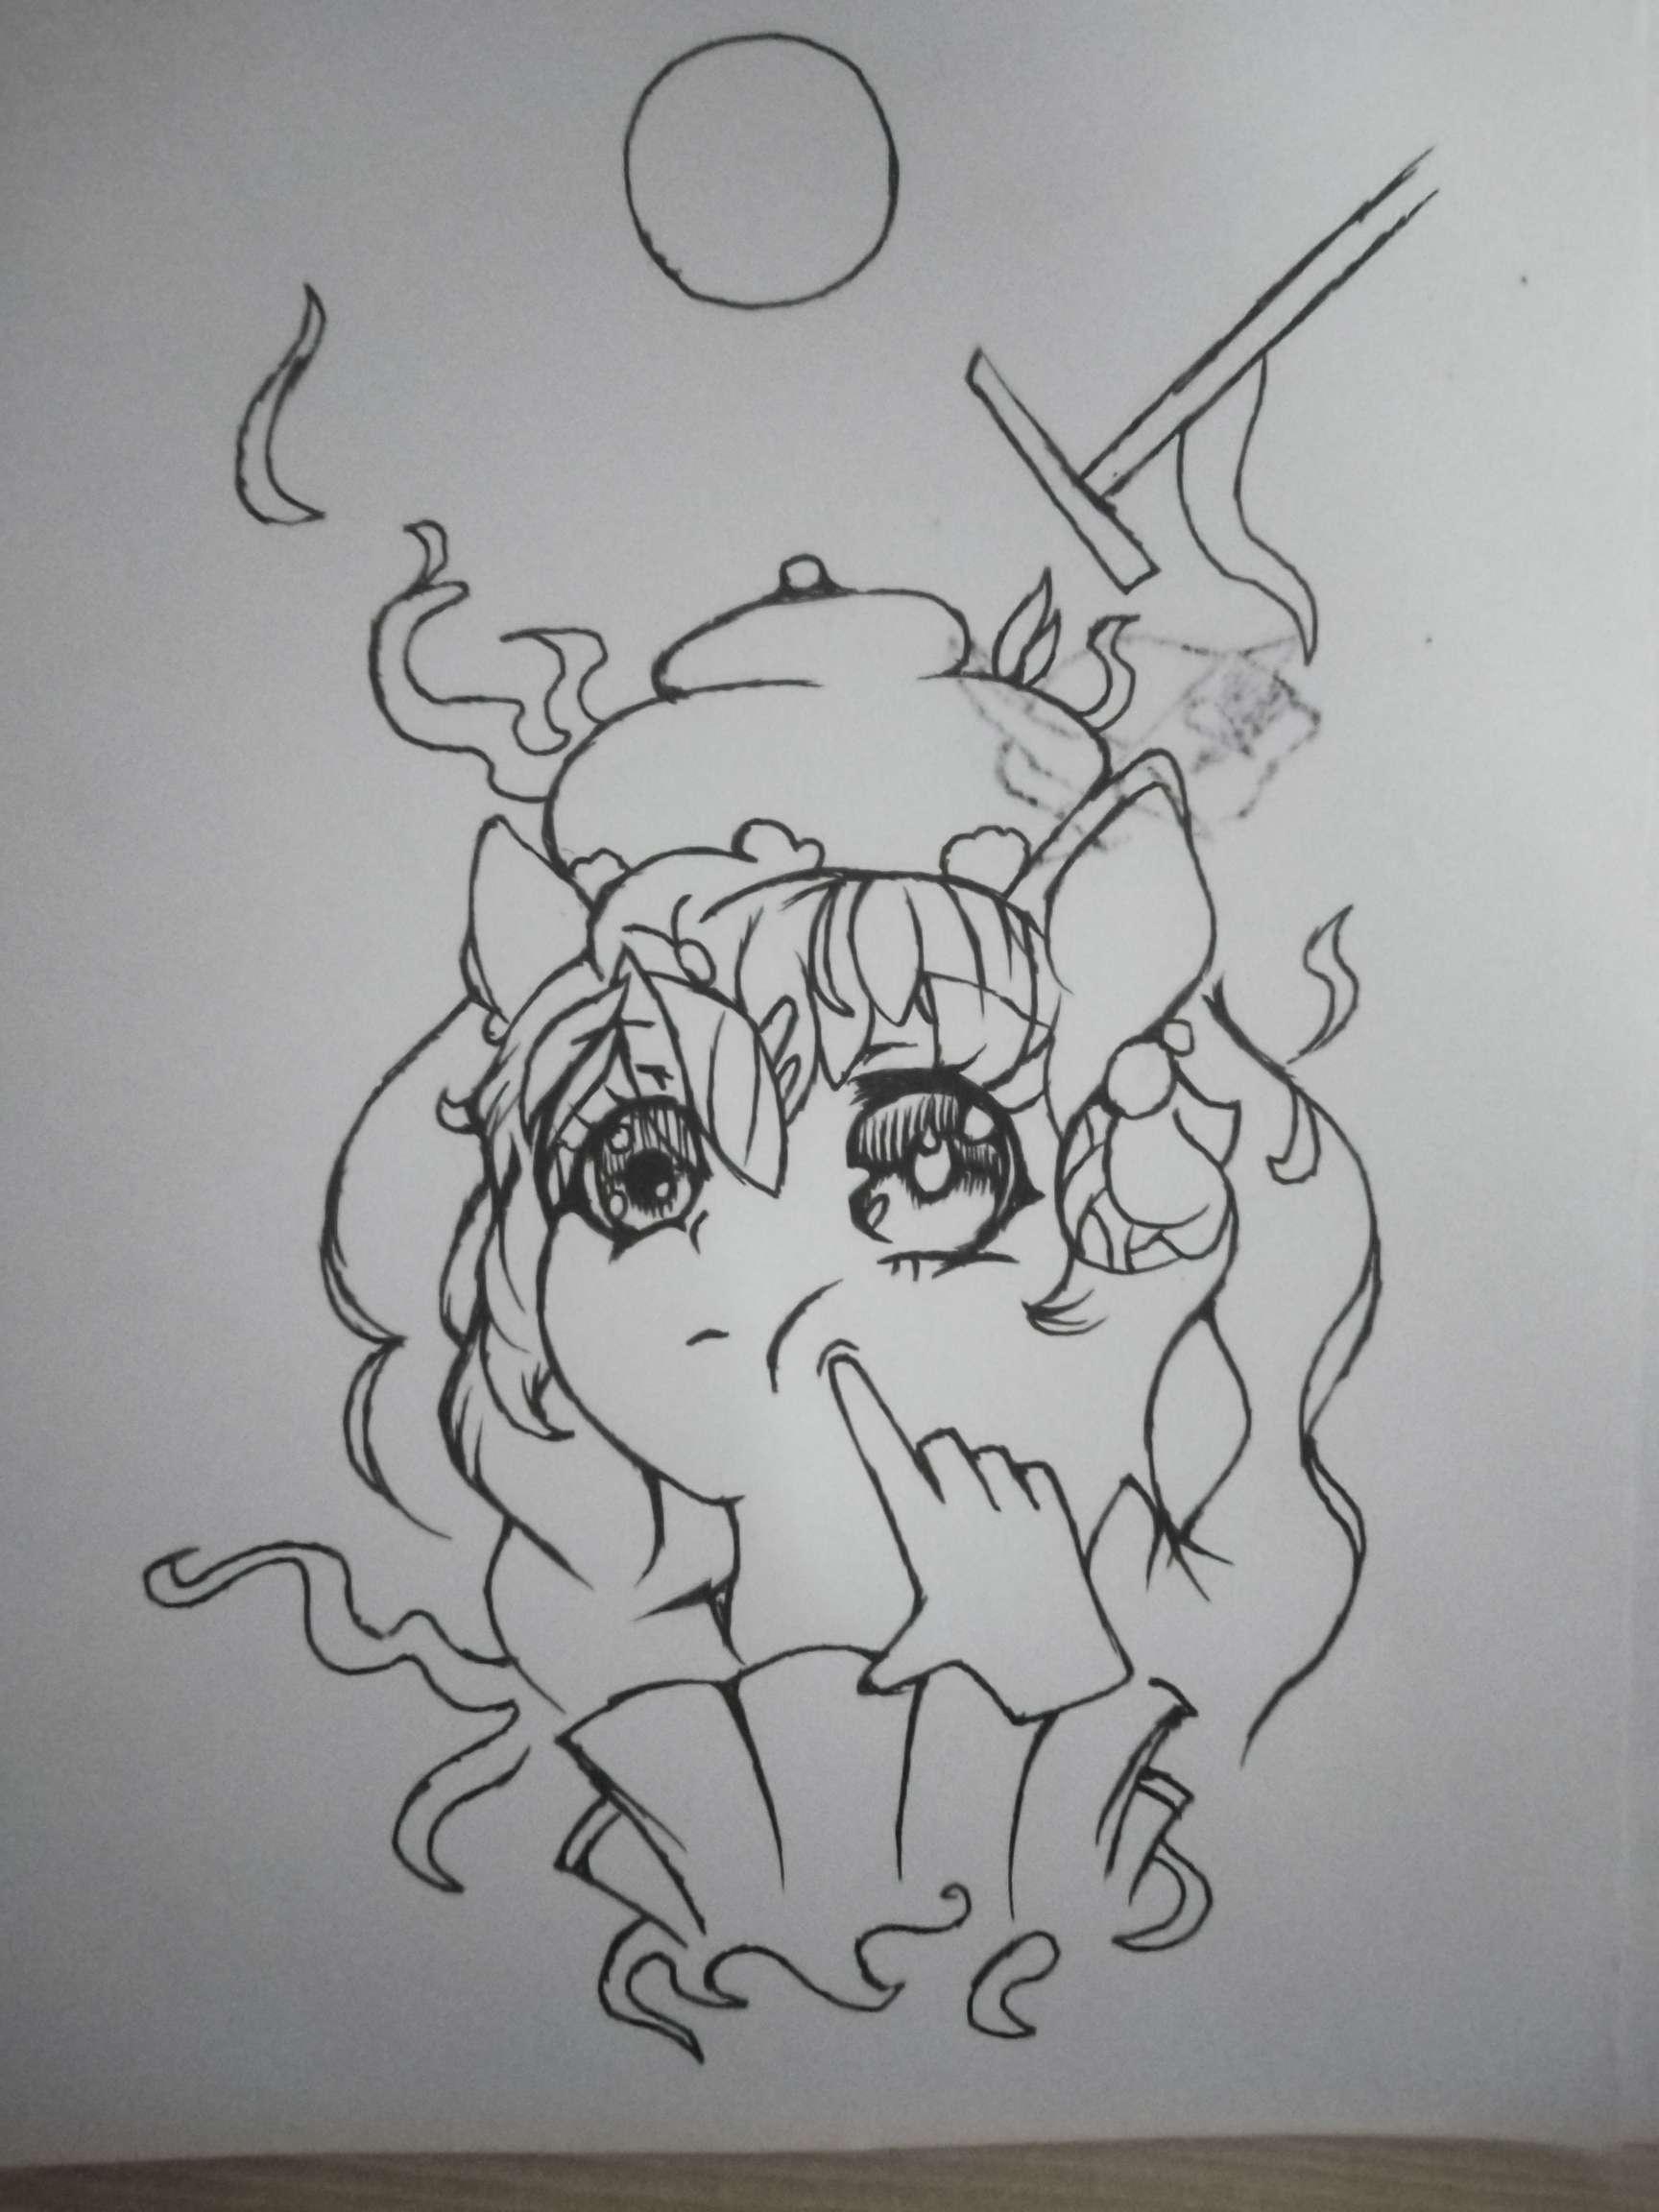 【手绘】萌新画画。,小狐妖邪恶漫画